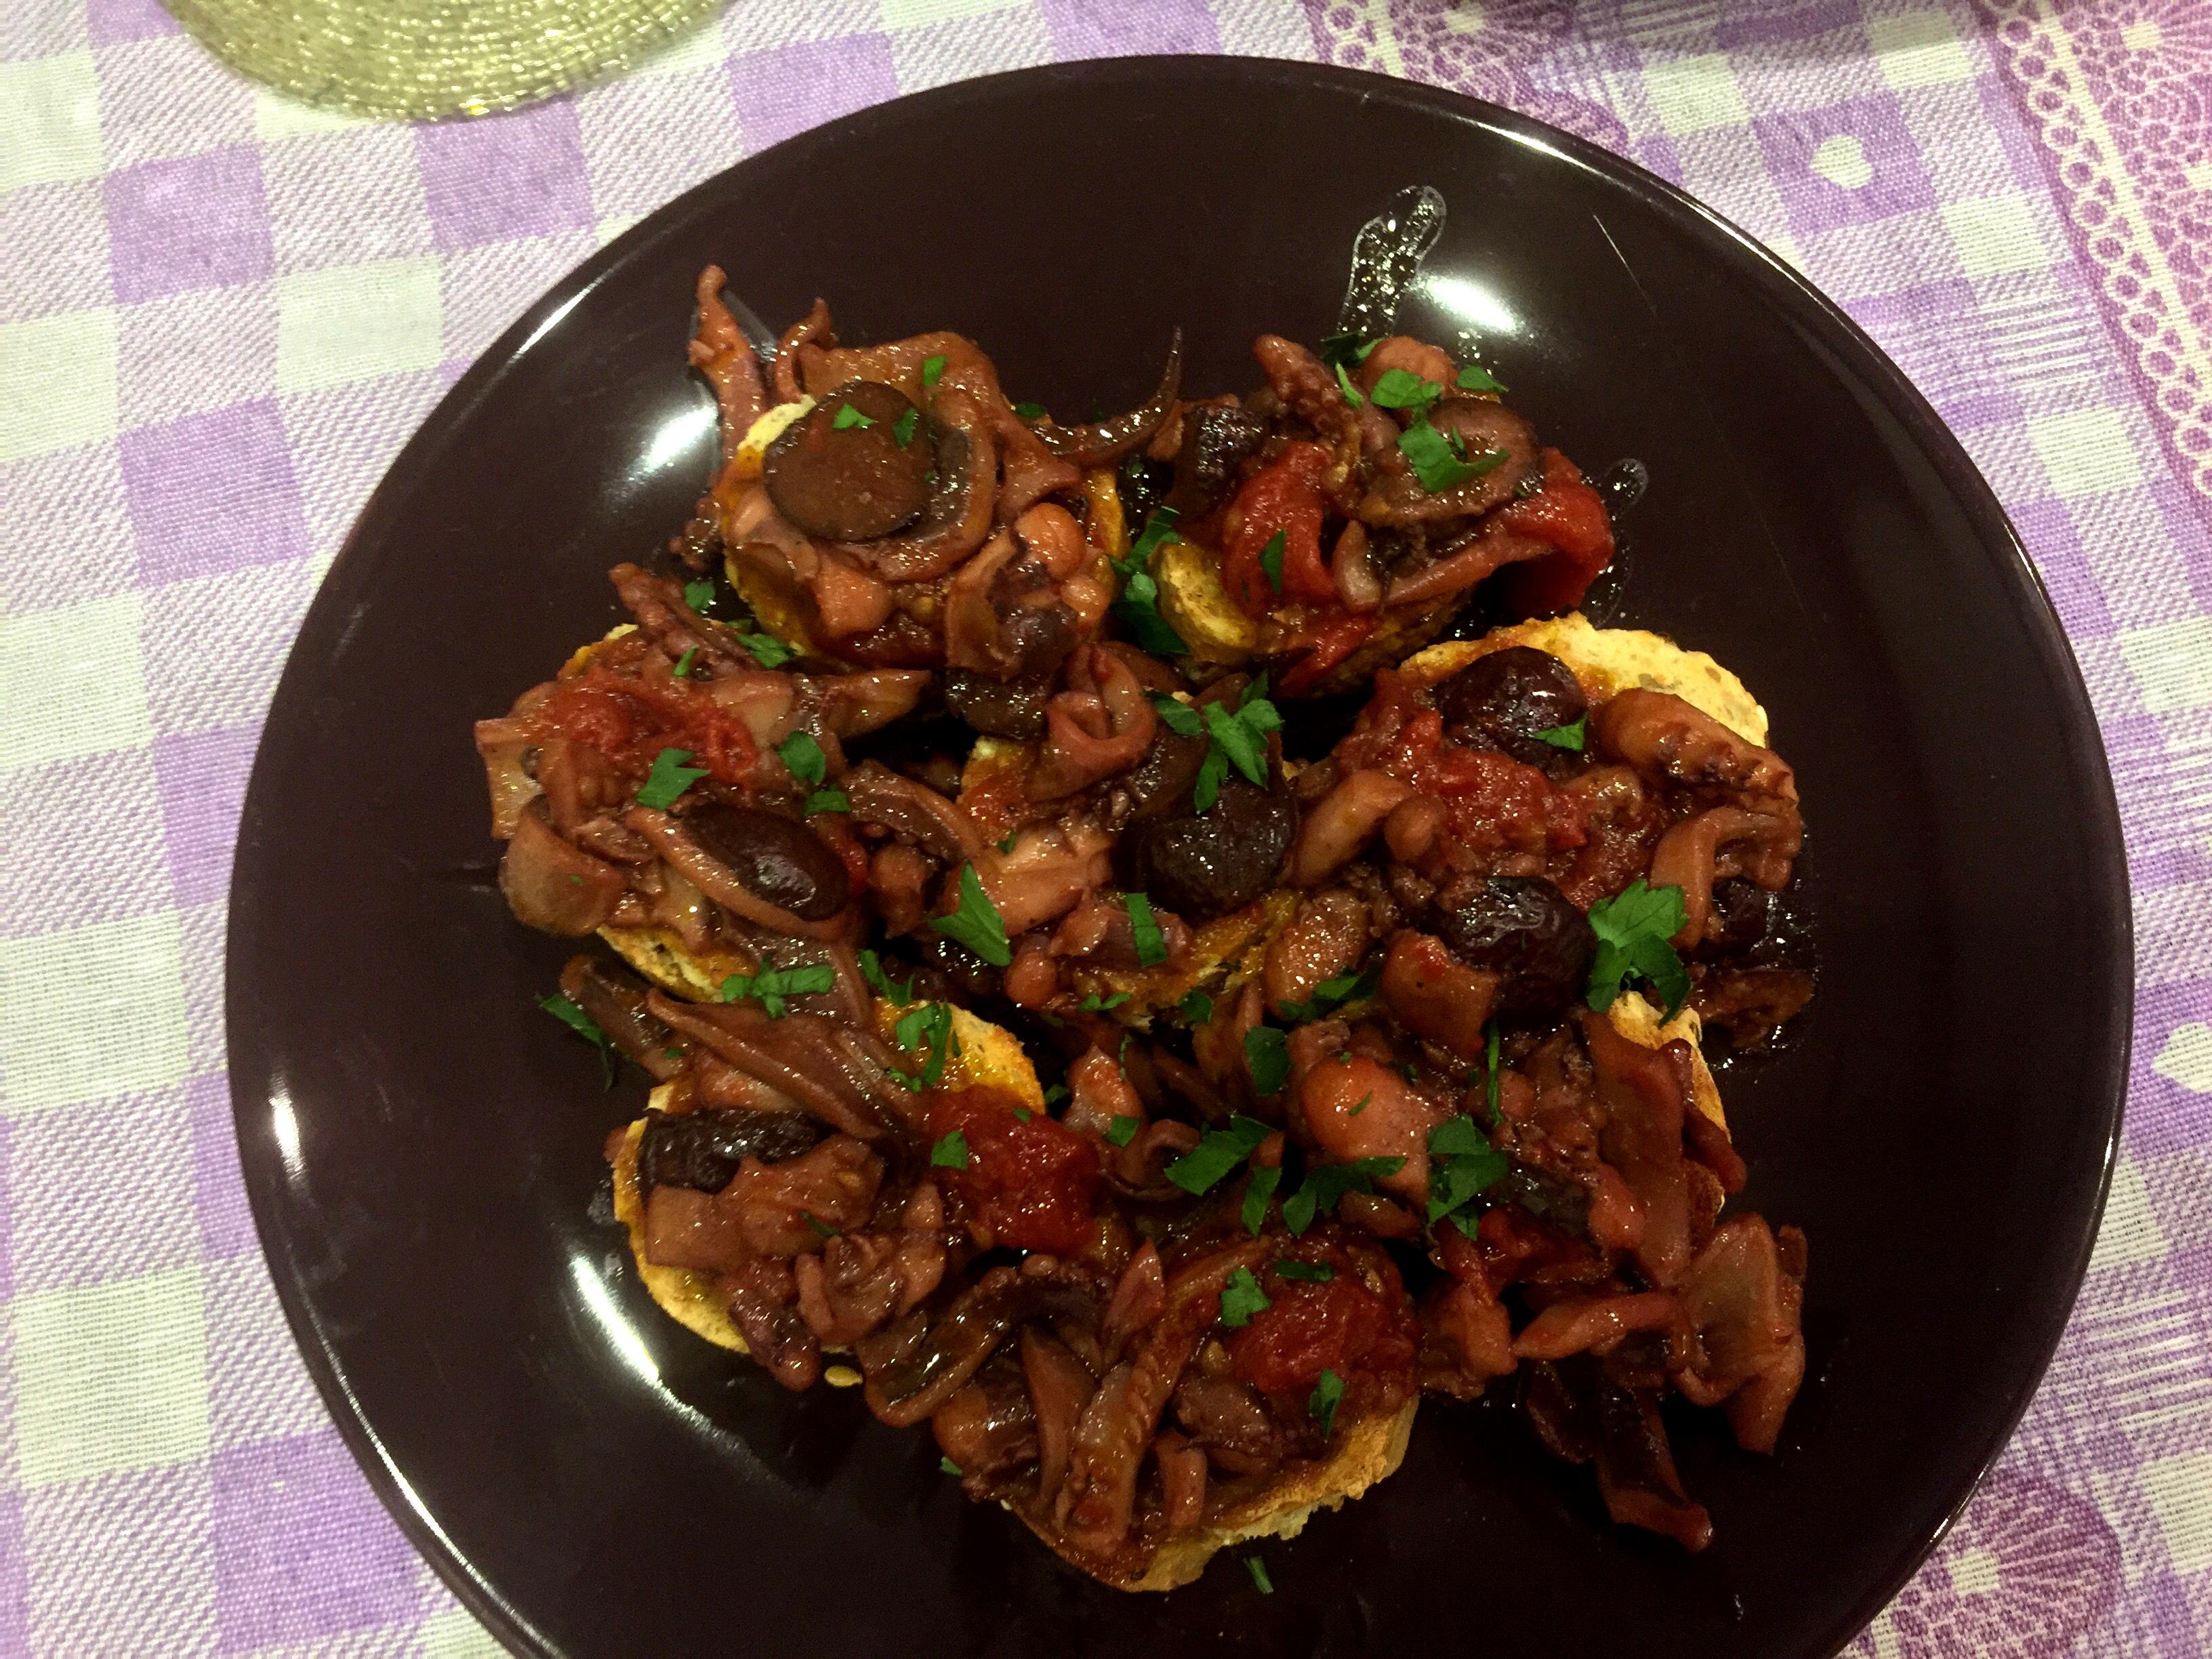 Bruschette con totani, olive e pomodorini